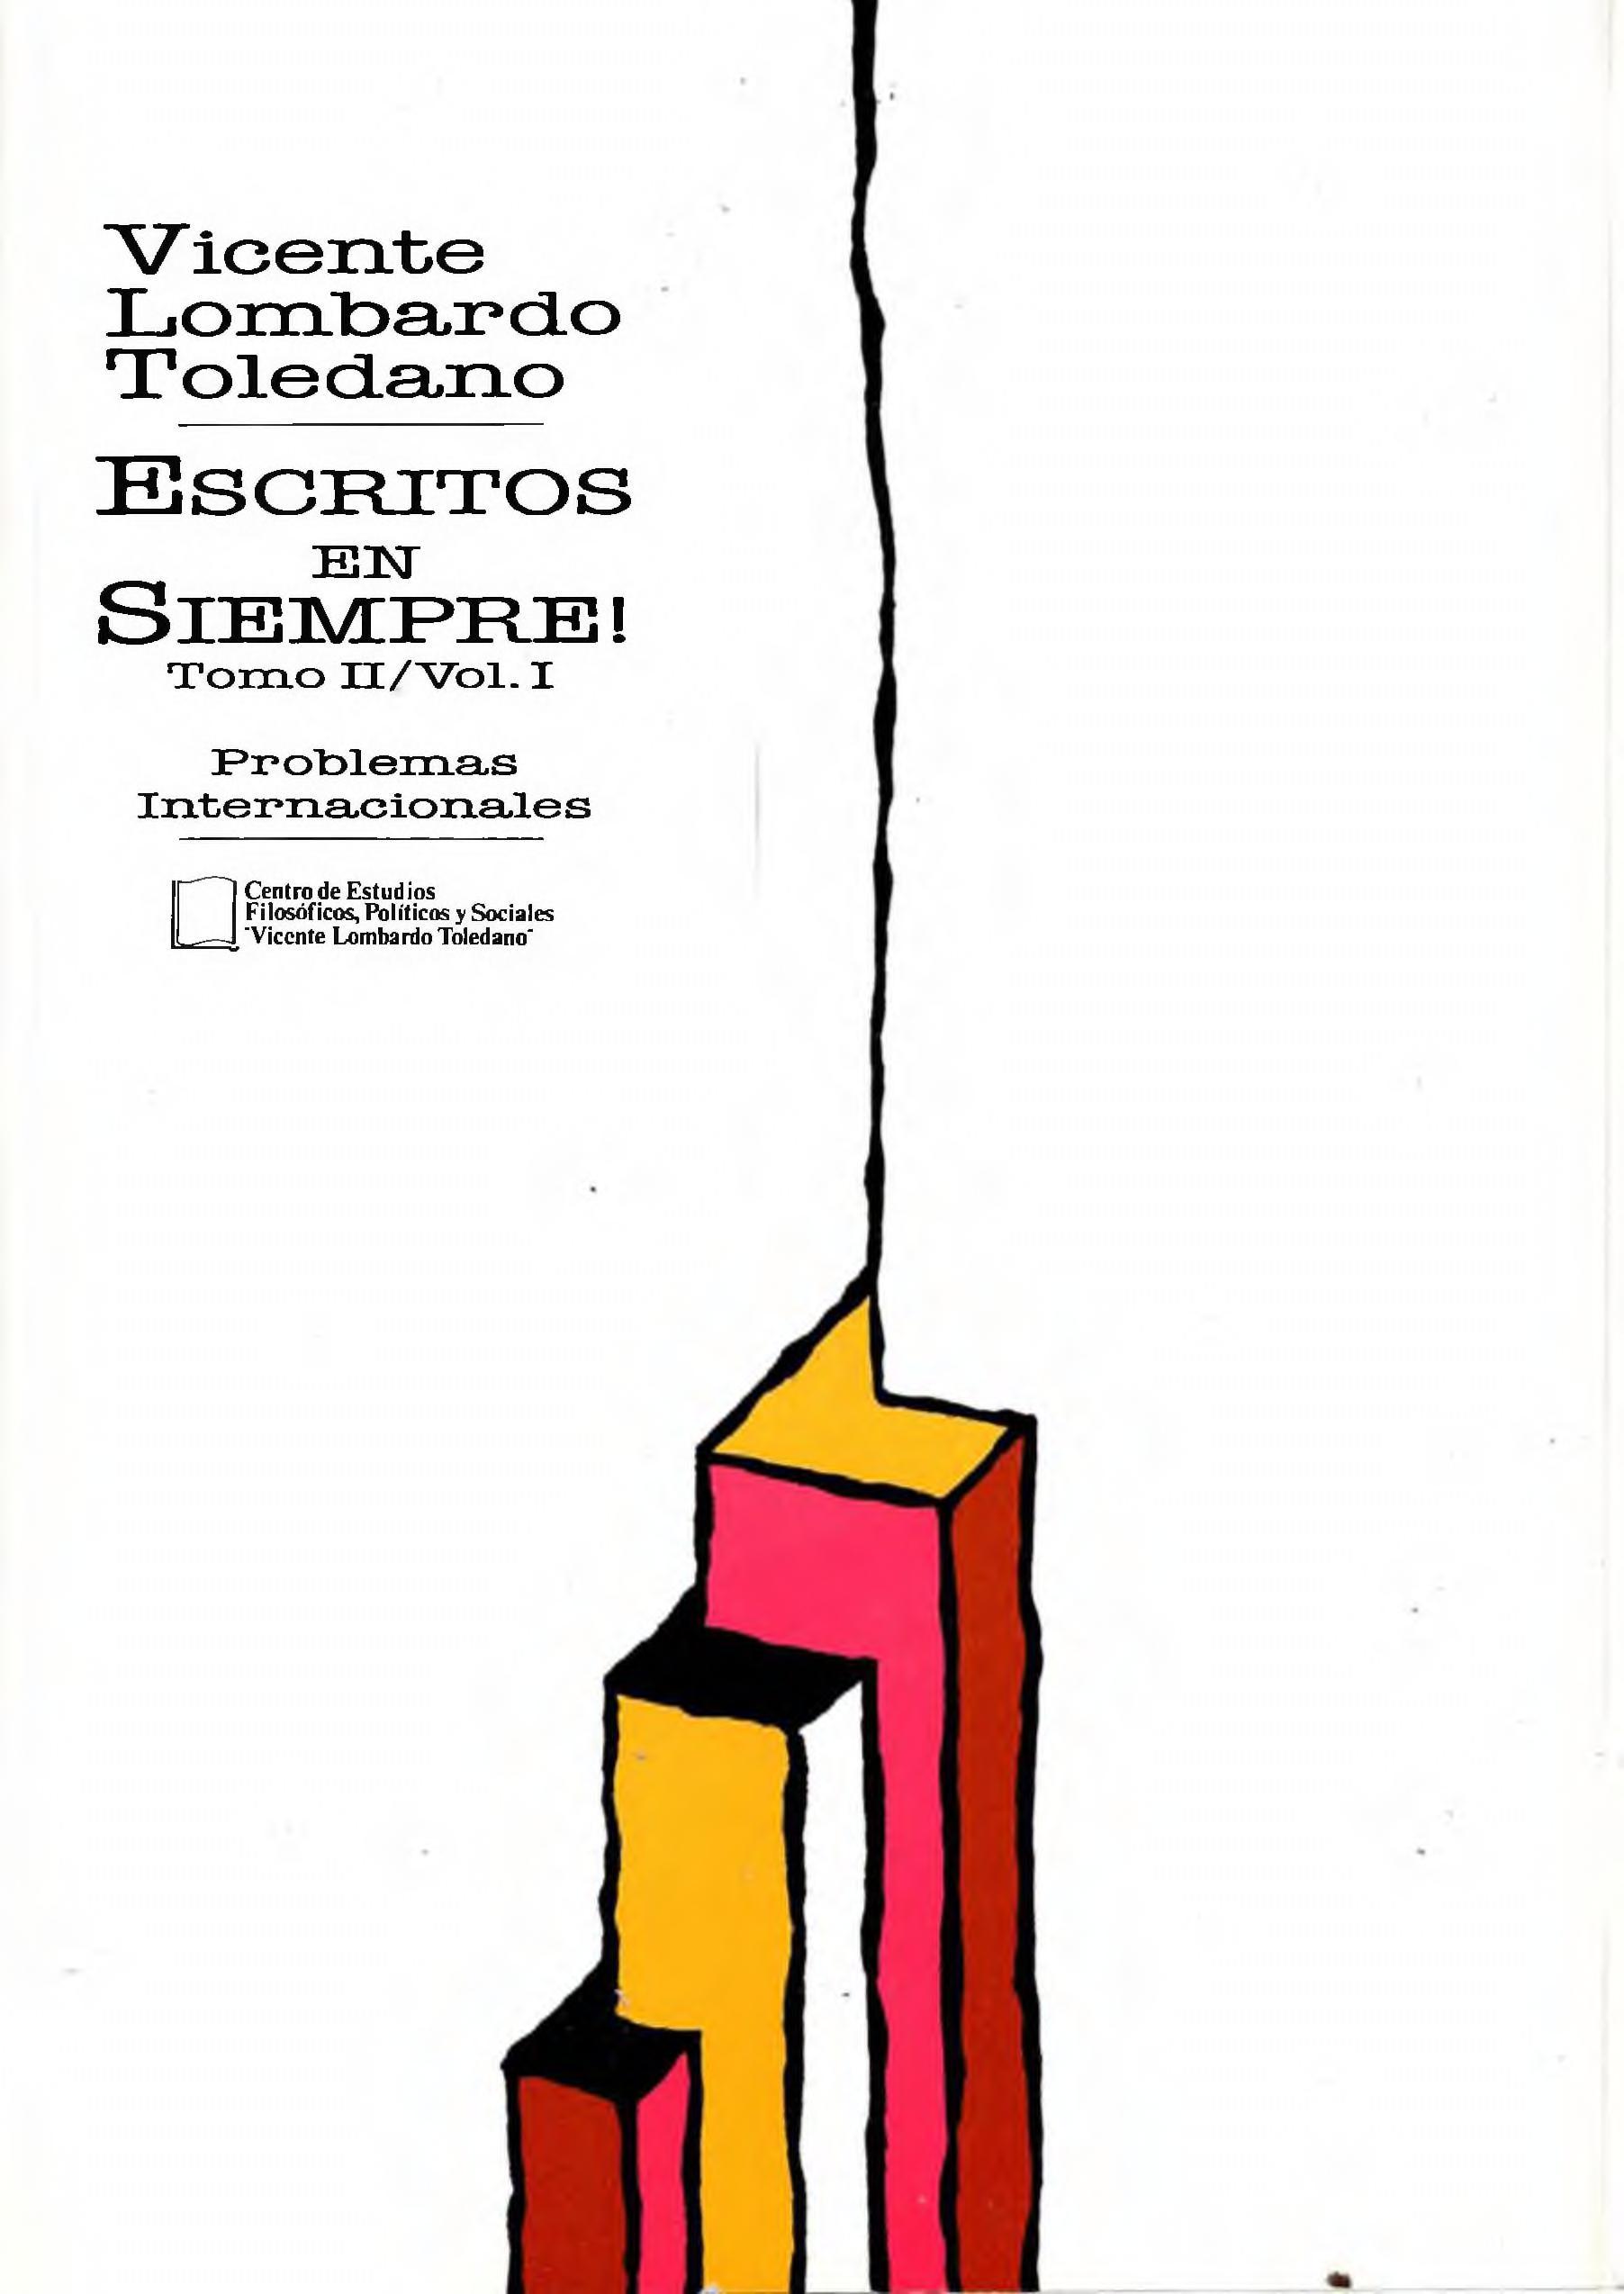 Portada del libro: ESCRITOS EN SIEMPRE! TOMO II, VOL. 1. PROBLEMAS INTERNACIONALES